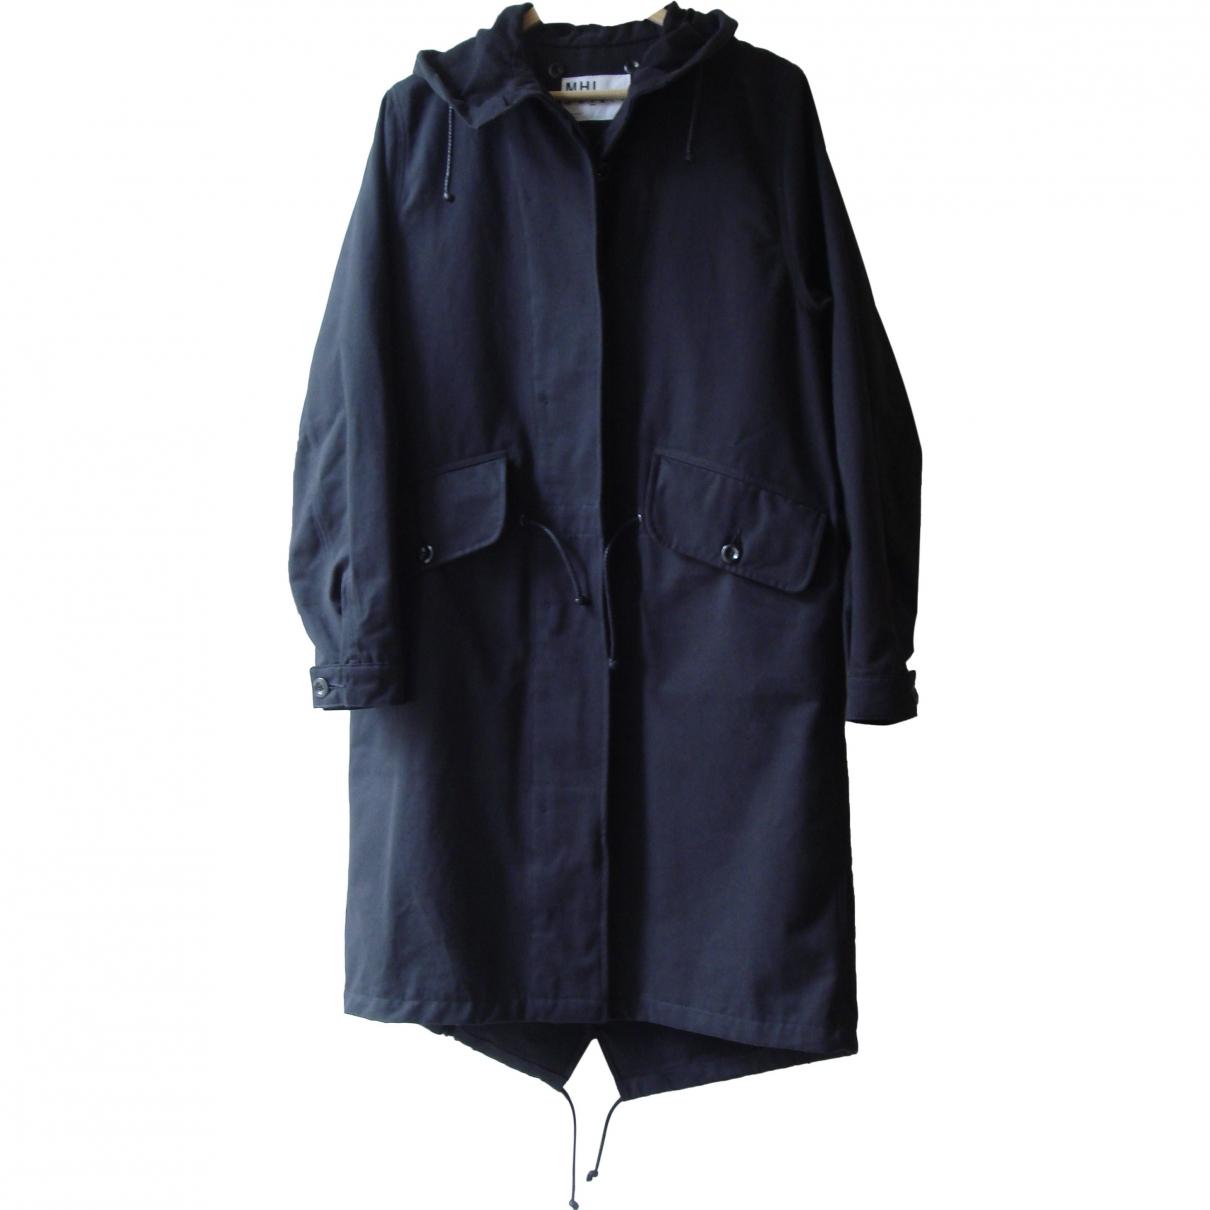 Margaret Howell \N Blue Cotton coat for Women S International